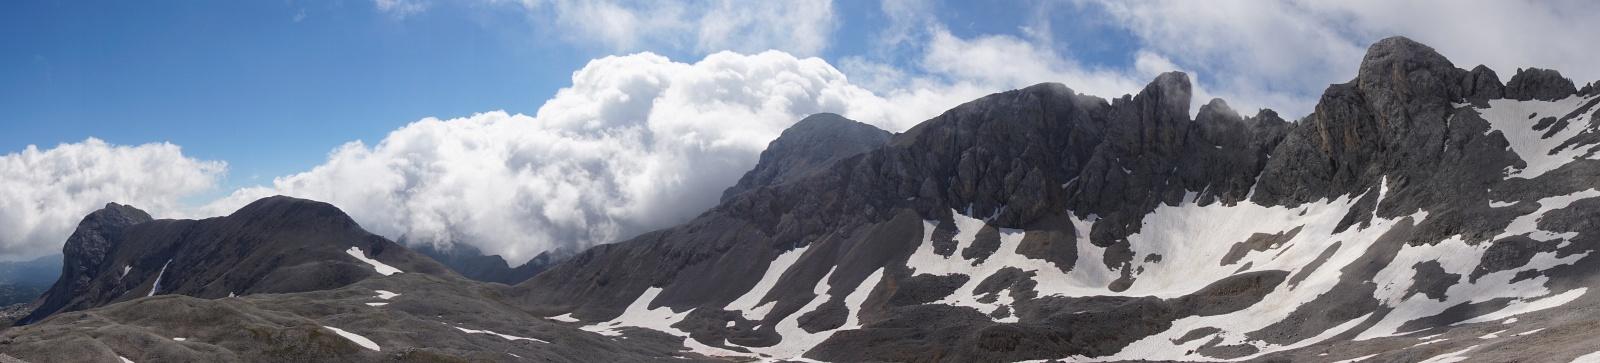 Links der langgezogene Landfriedstein, rechts daneben liegt der Eselstein unter den Wolken verborgen. Weiter rechts folgt der Höhenzug von der Scheichenspitze bis herüber zur Edelgrießhöhe.